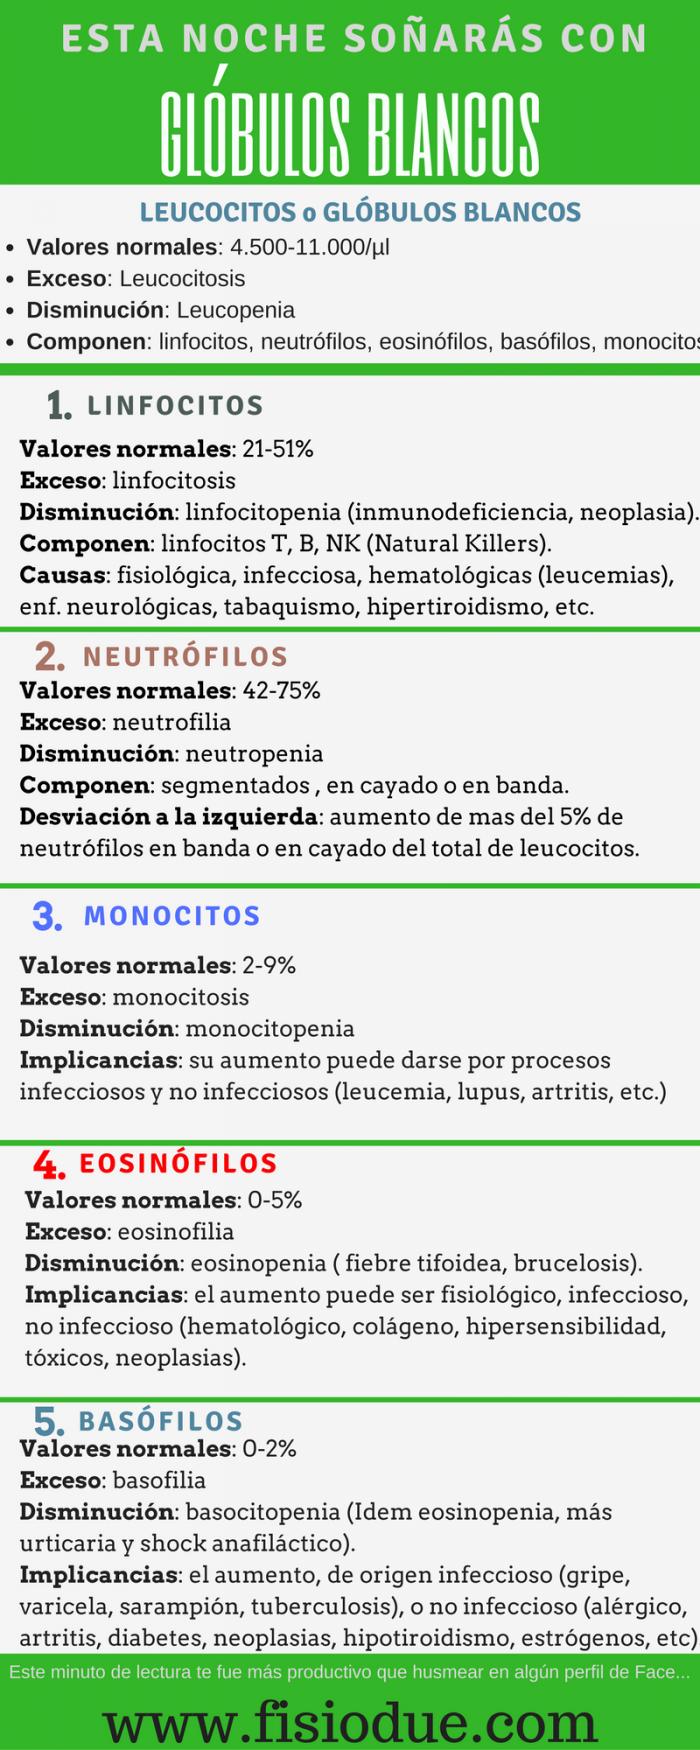 LEUCOCITOS. PARÁMETROS Y ALTERACIONES | anatomía | Pinterest ...